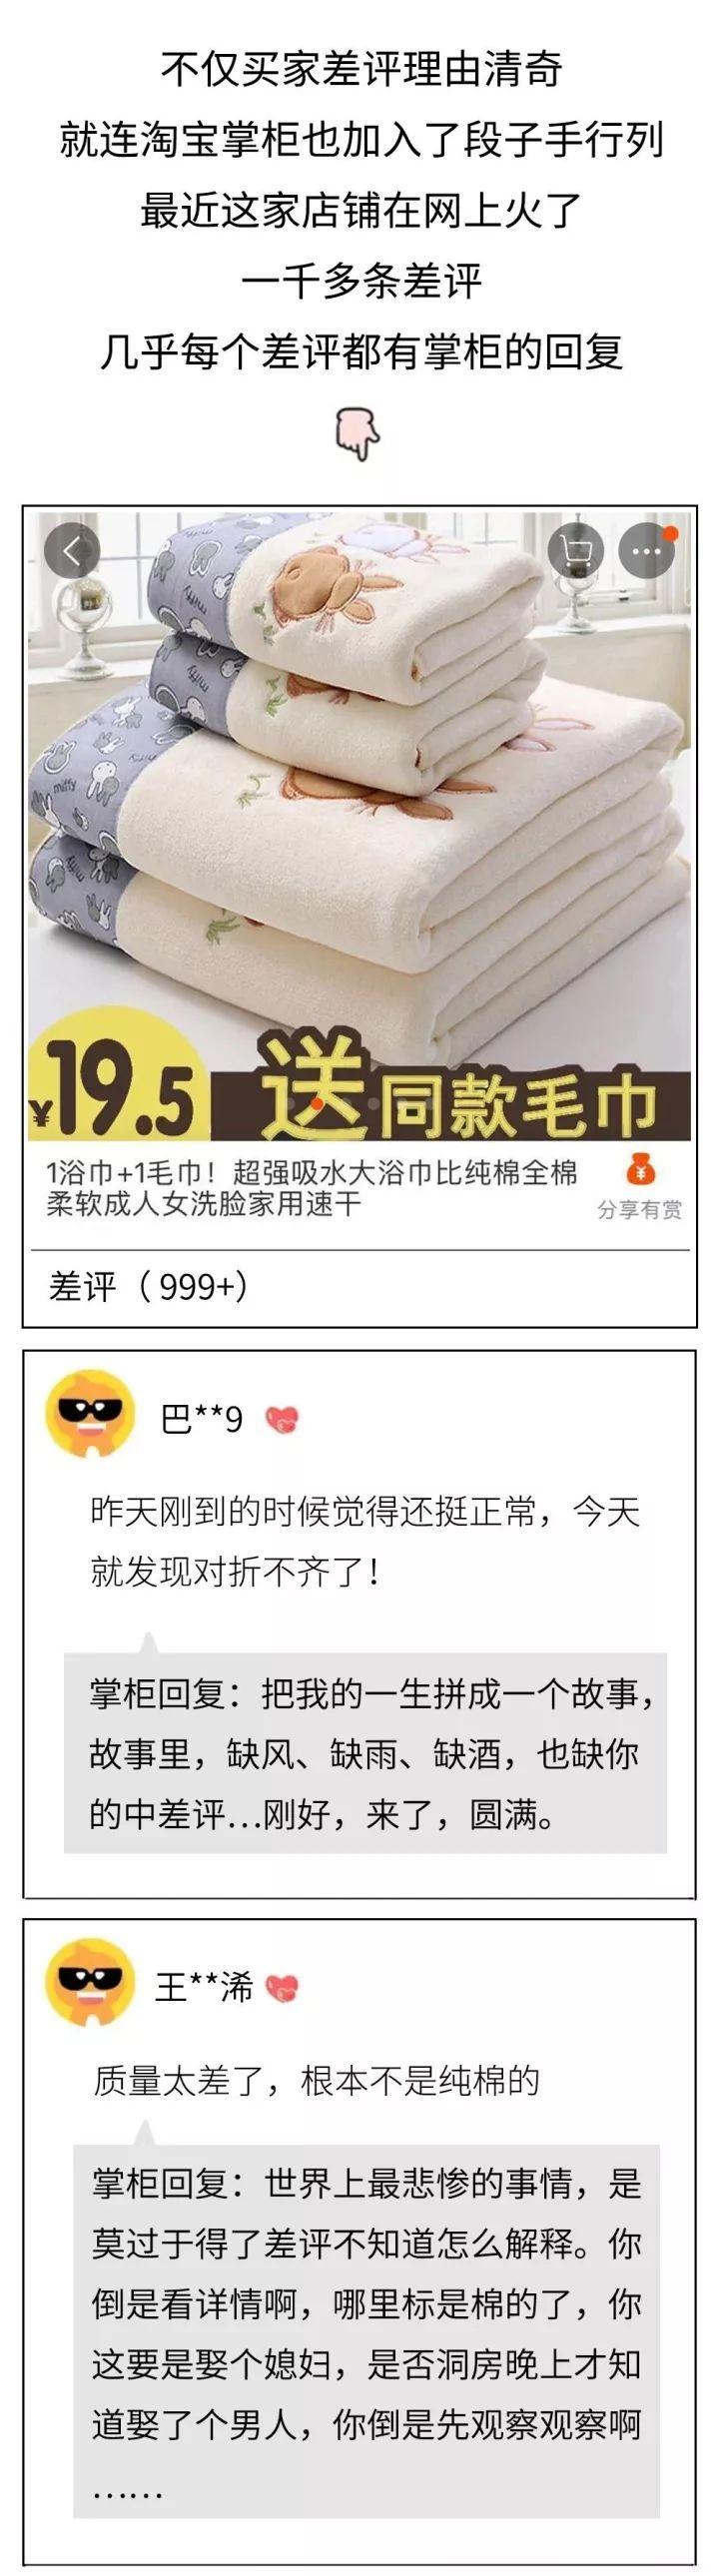 《锦绣未央2》定档,男主不变,唐嫣却被24岁的她取代,网友:收视率更稳了